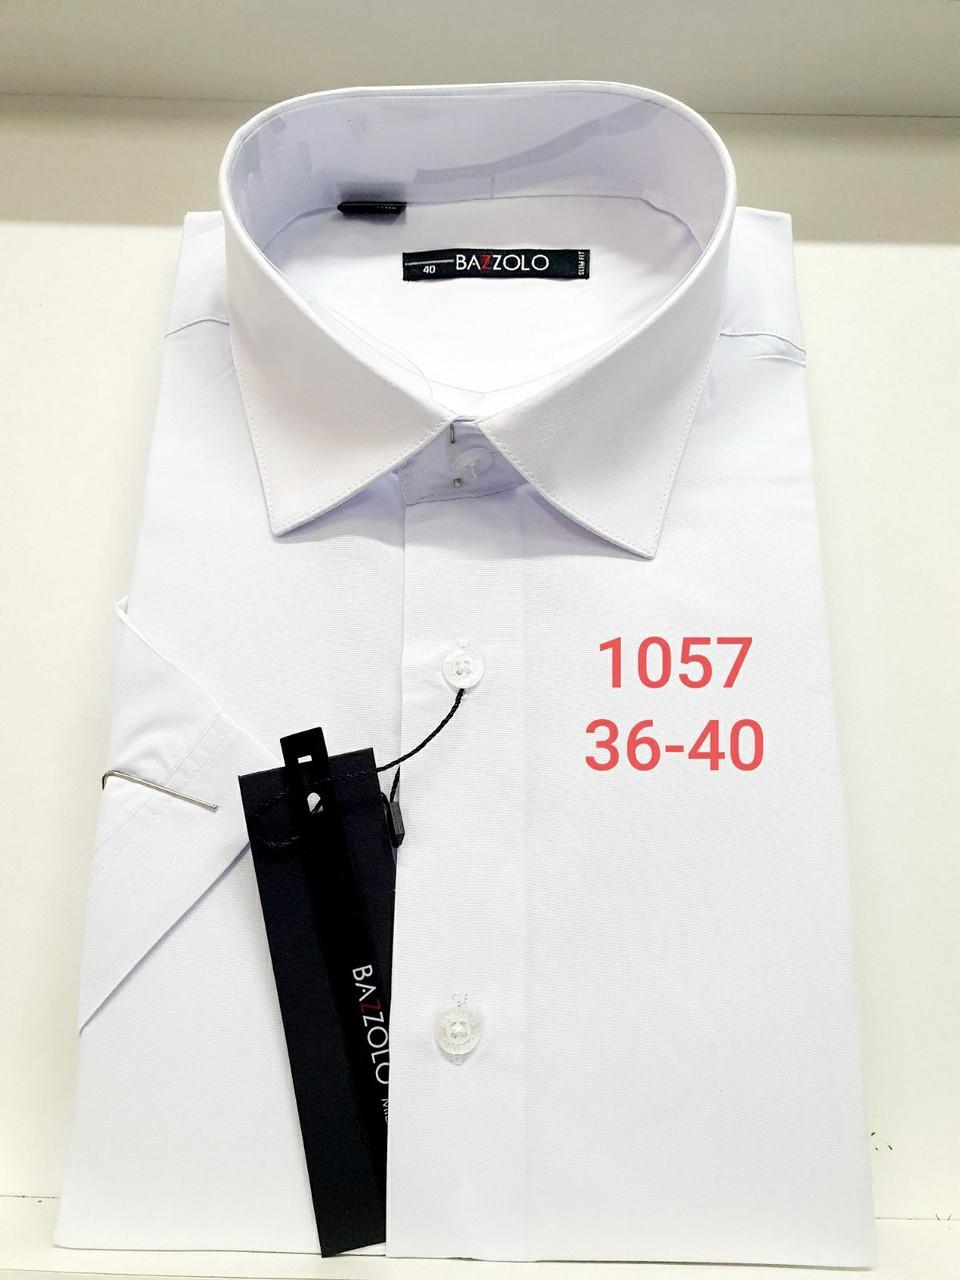 Біла однотонна сорочка з коротким рукавом Bazzolo 1057